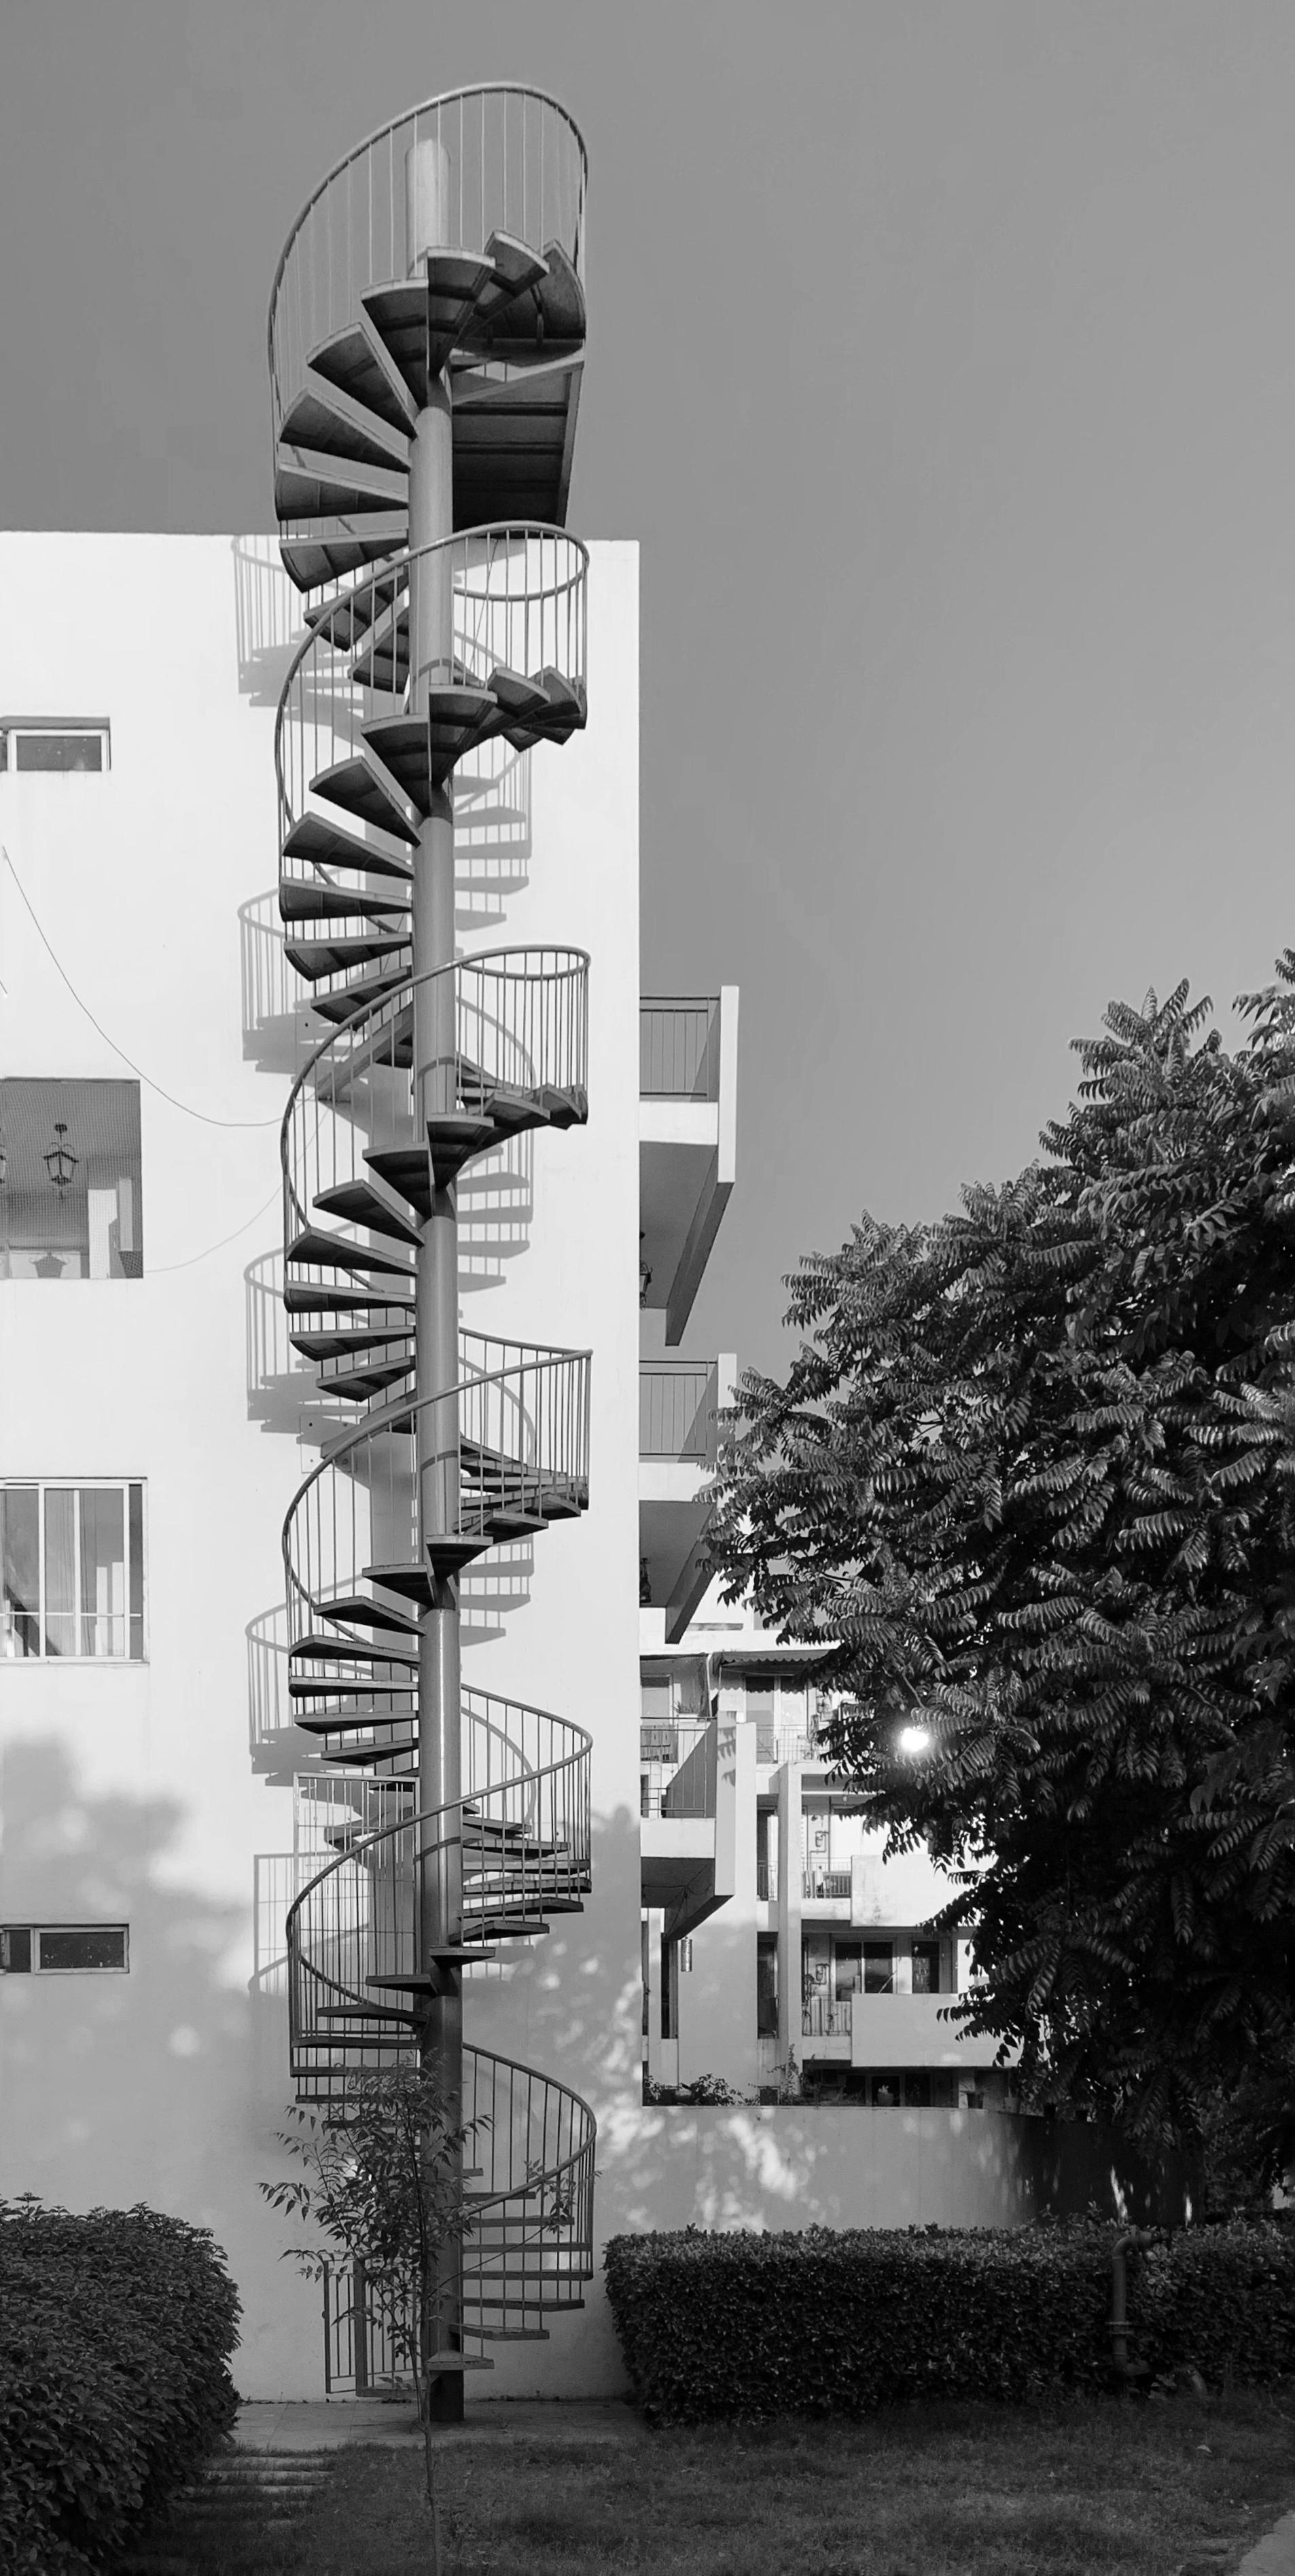 Spiral Staircase - Rajan Bhatt